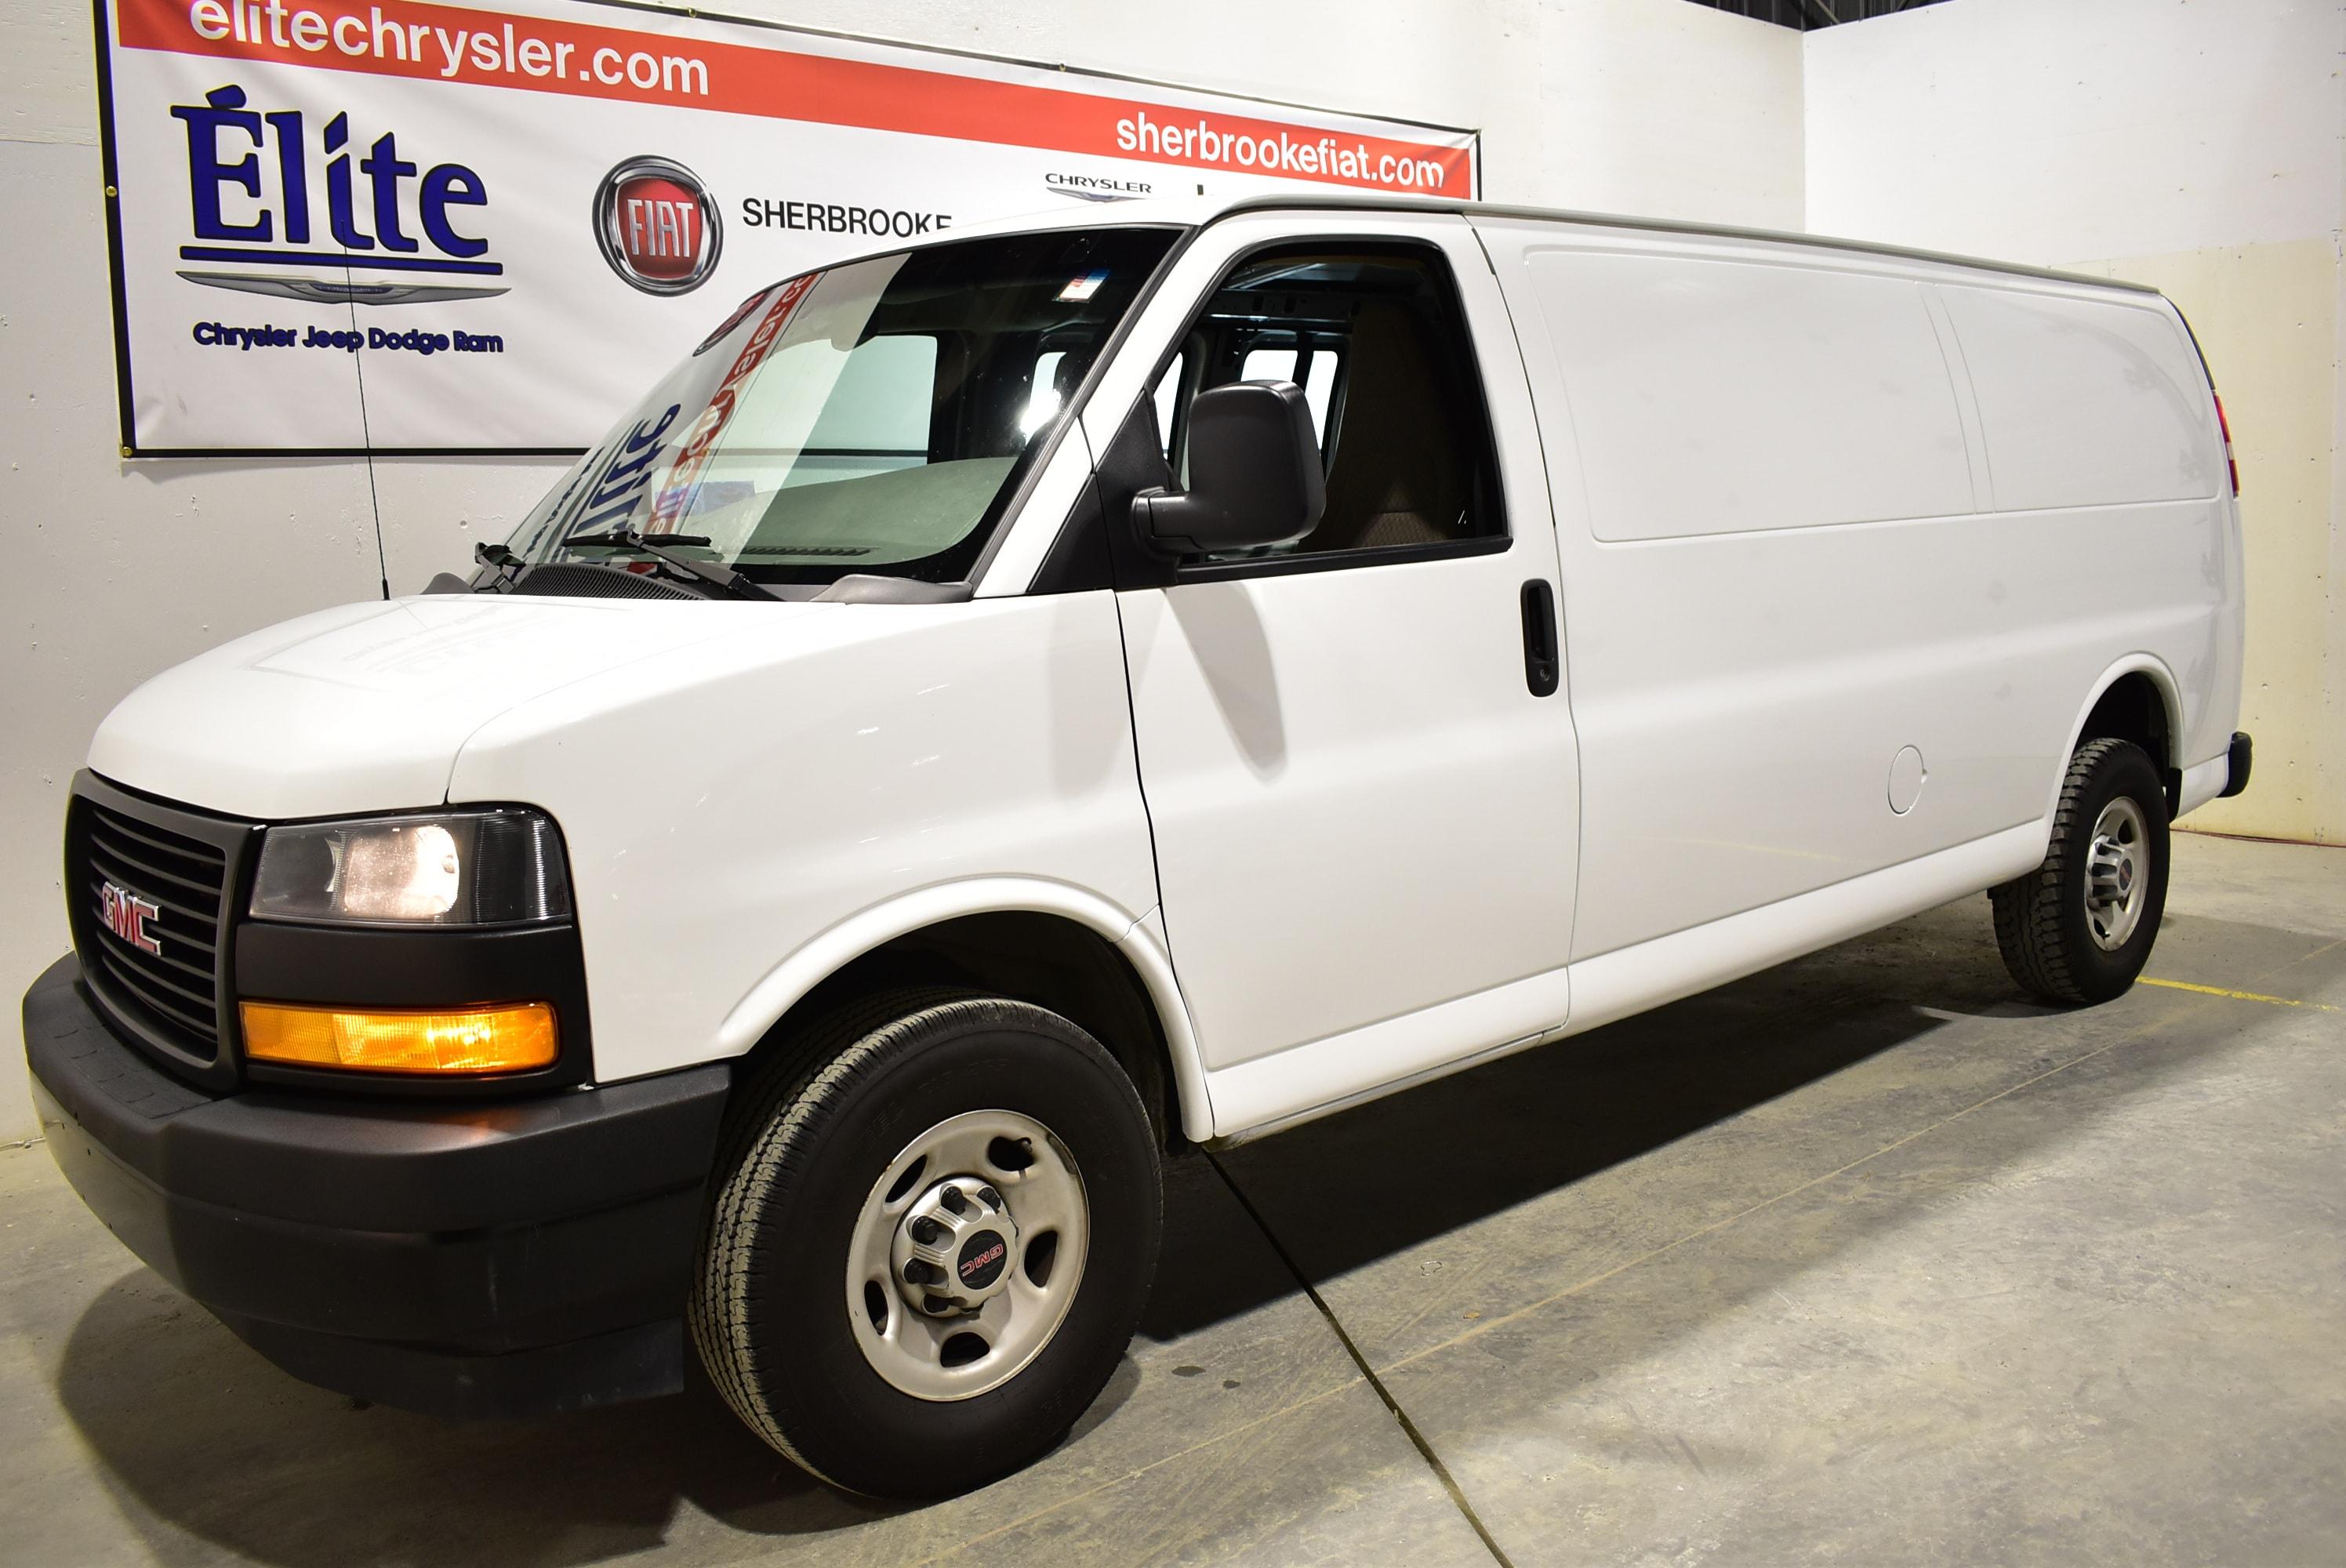 2018 GMC Savana 2500 Cargo Allongé Porte vitrée côté/arrière Van Extended Cargo Van